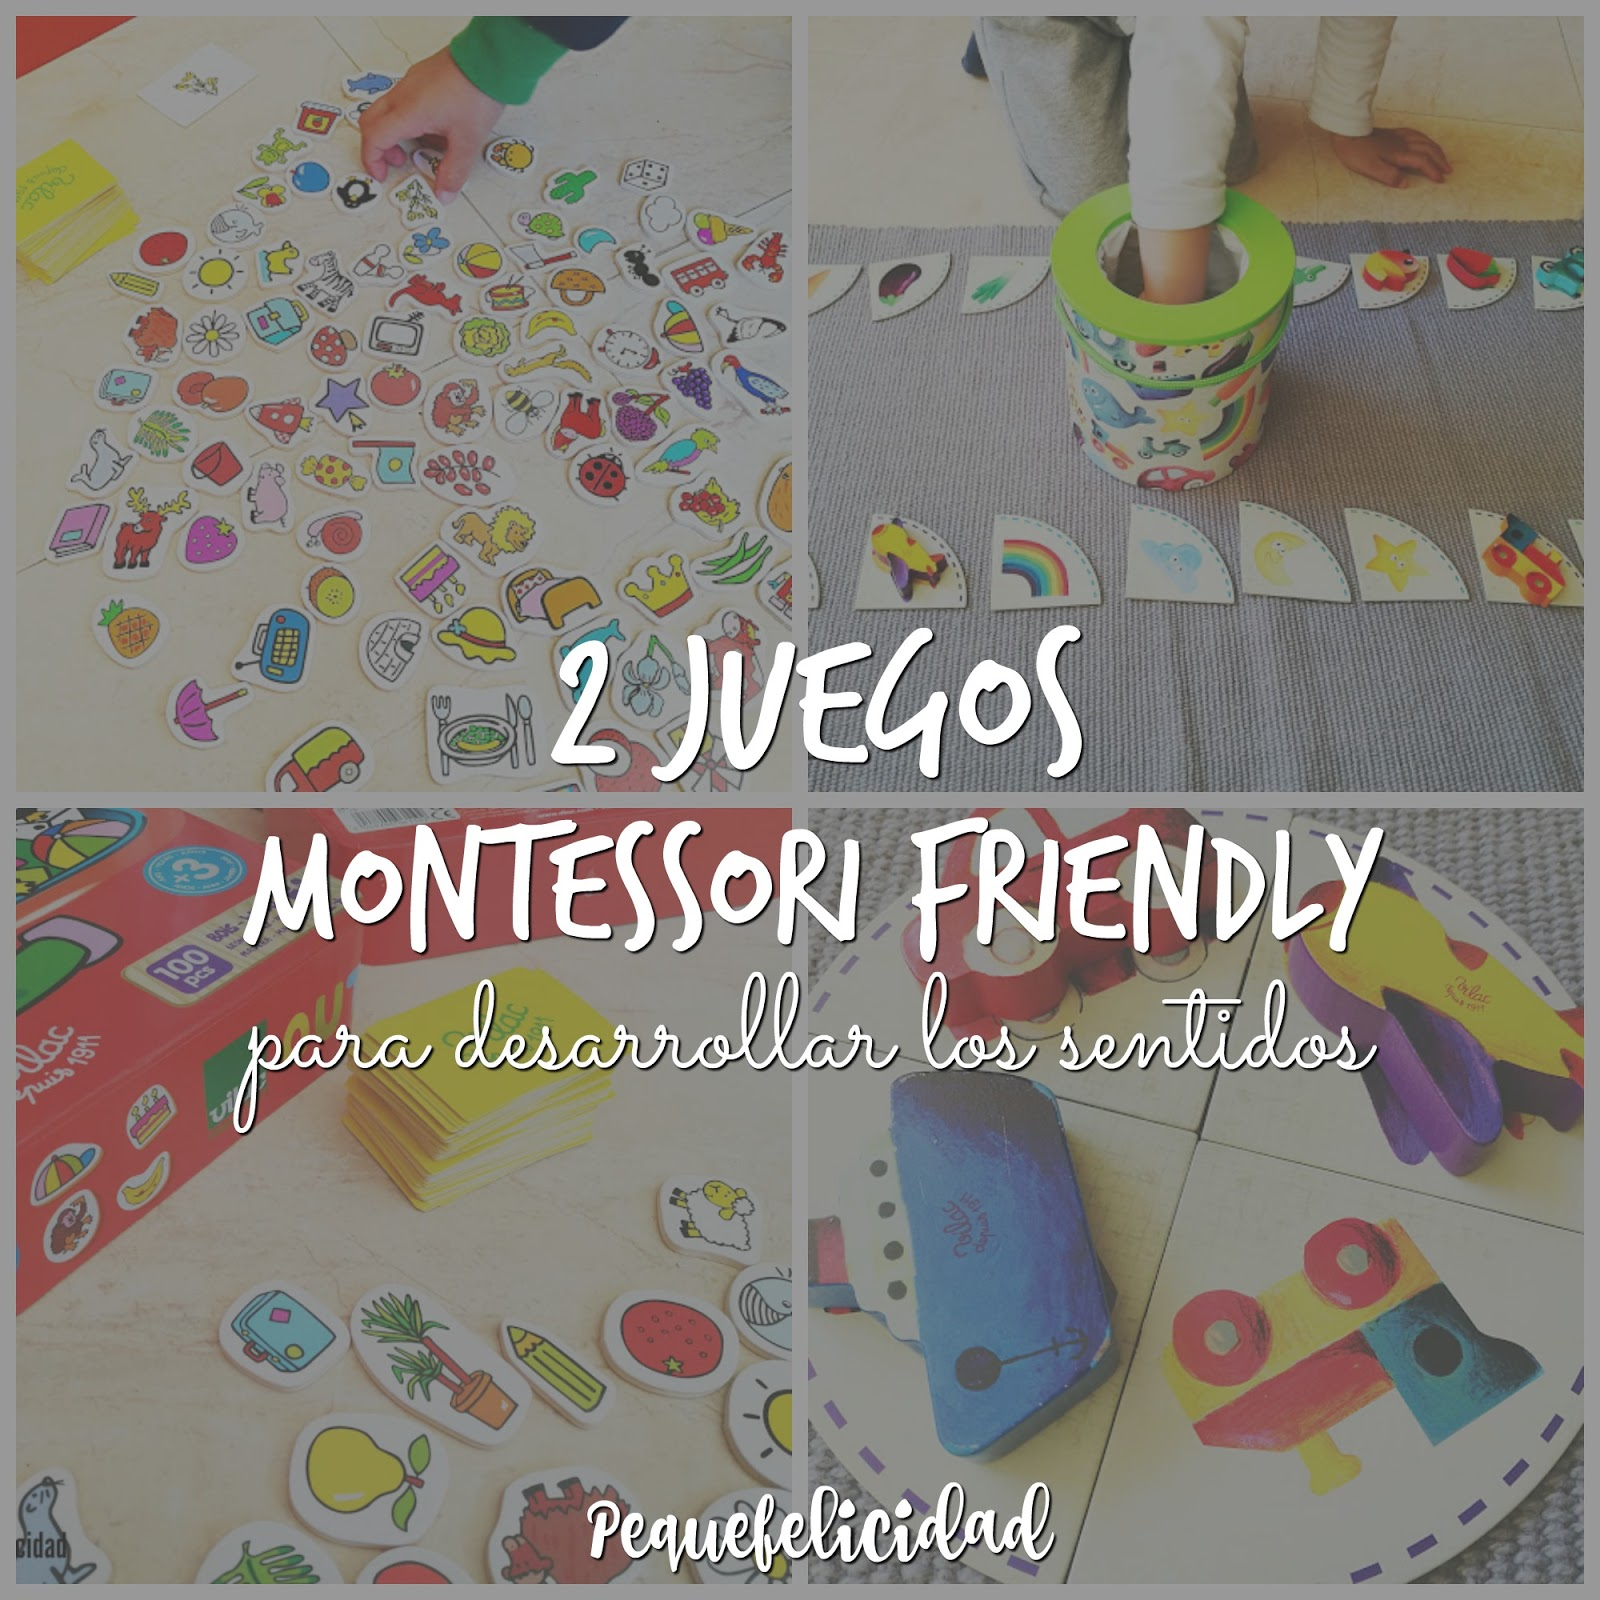 Pequefelicidad 2 Juegos Montessori Friendly Para Desarrollar Los